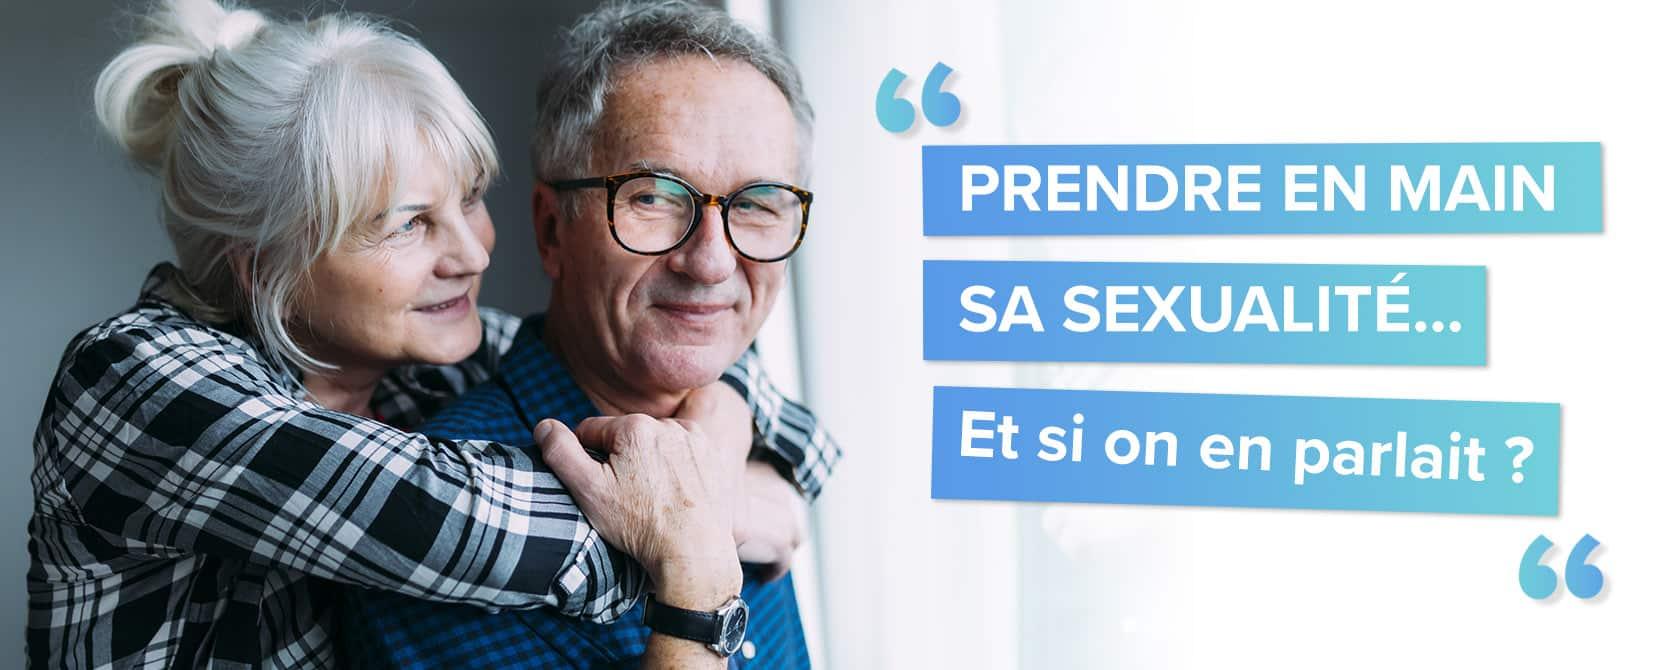 Prendre en main sa Sexualité, et si on en parlait ?